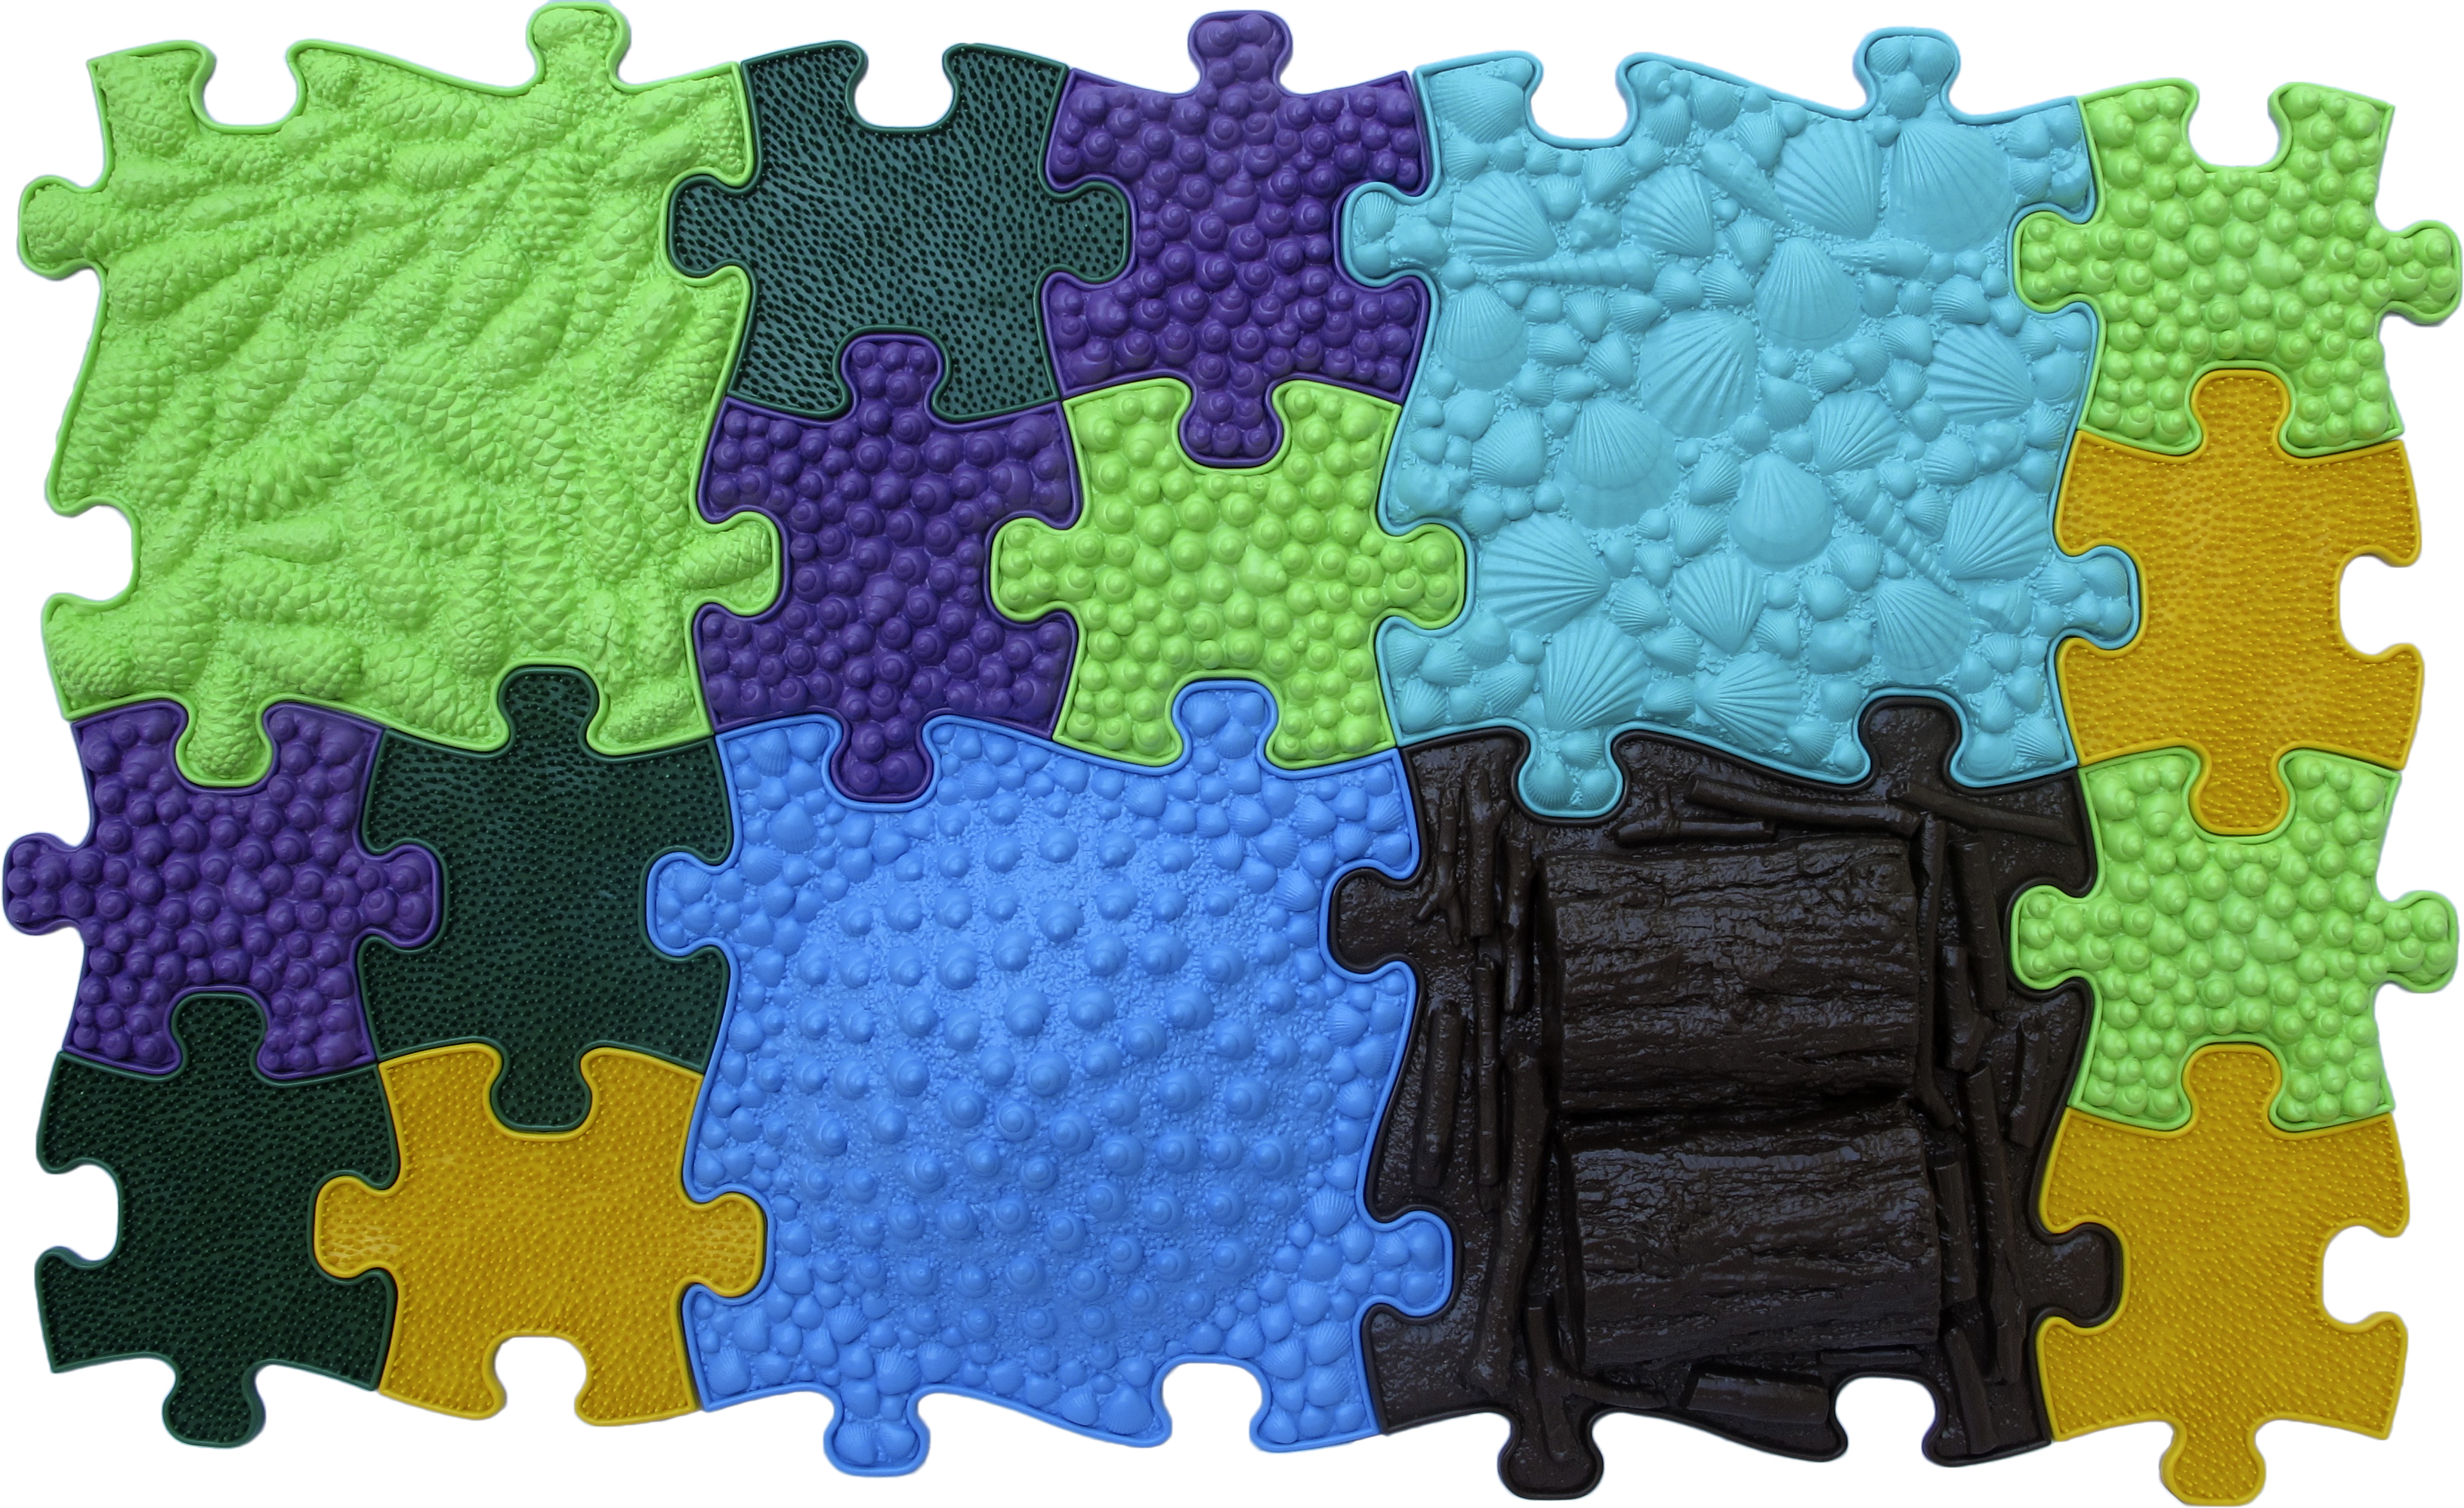 Купить Модульный Коврик-пазл ИграПол Микс, Играпол, Развивающие коврики и центры